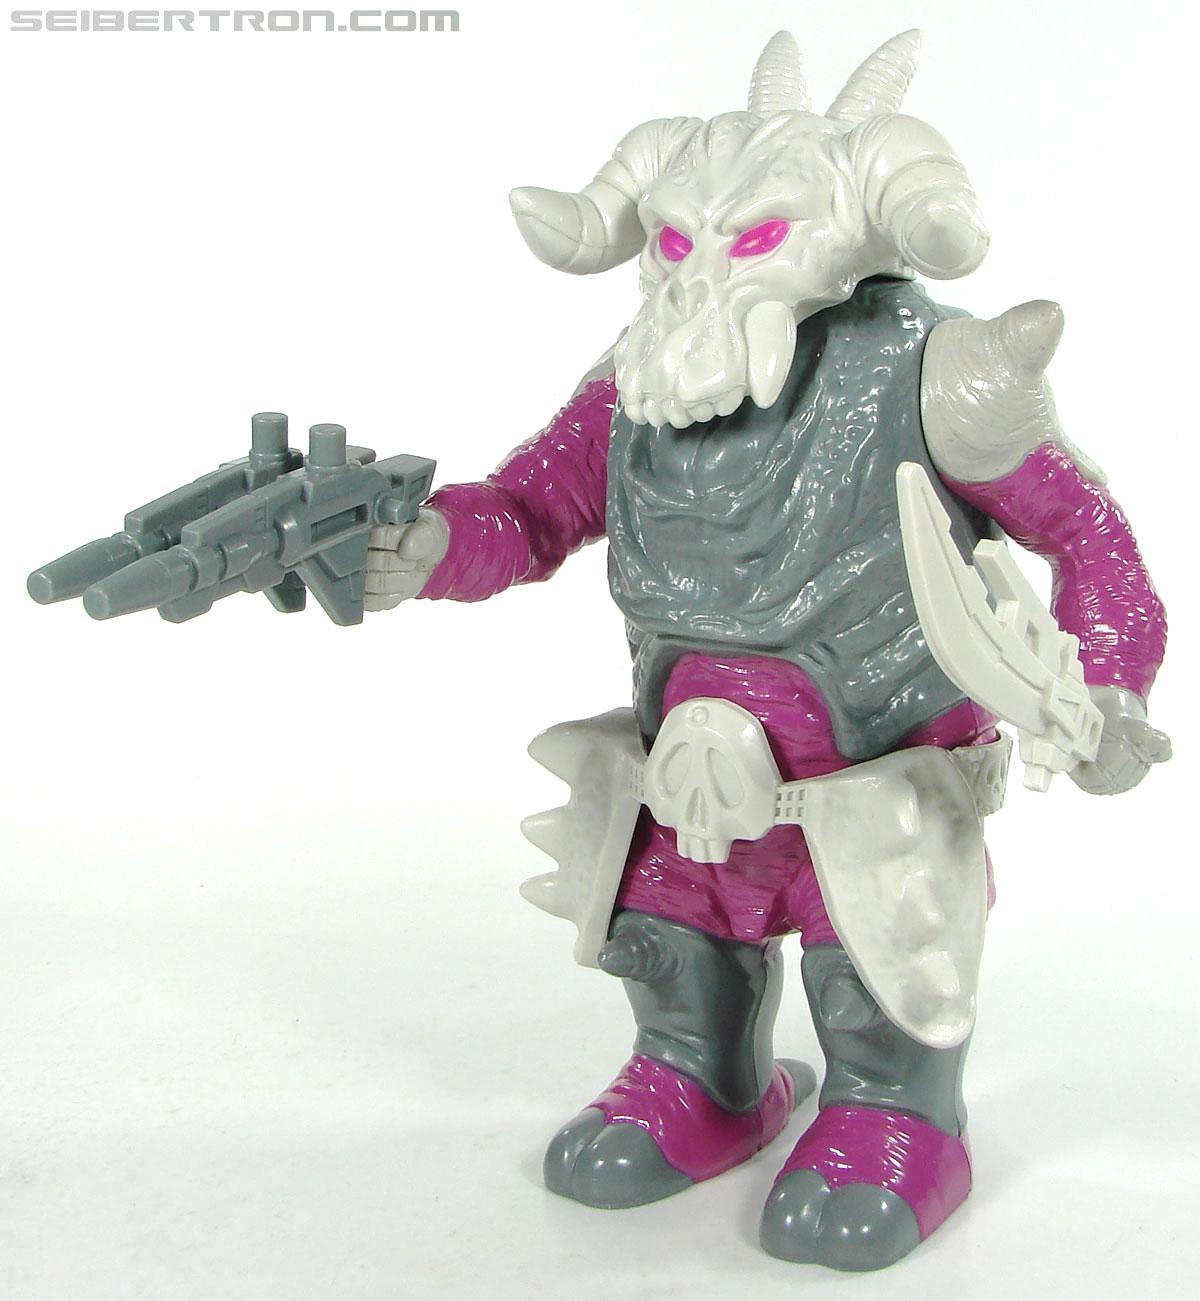 Transformers Super God Masterforce Skullgrin (Dauros) (Image #77 of 196)